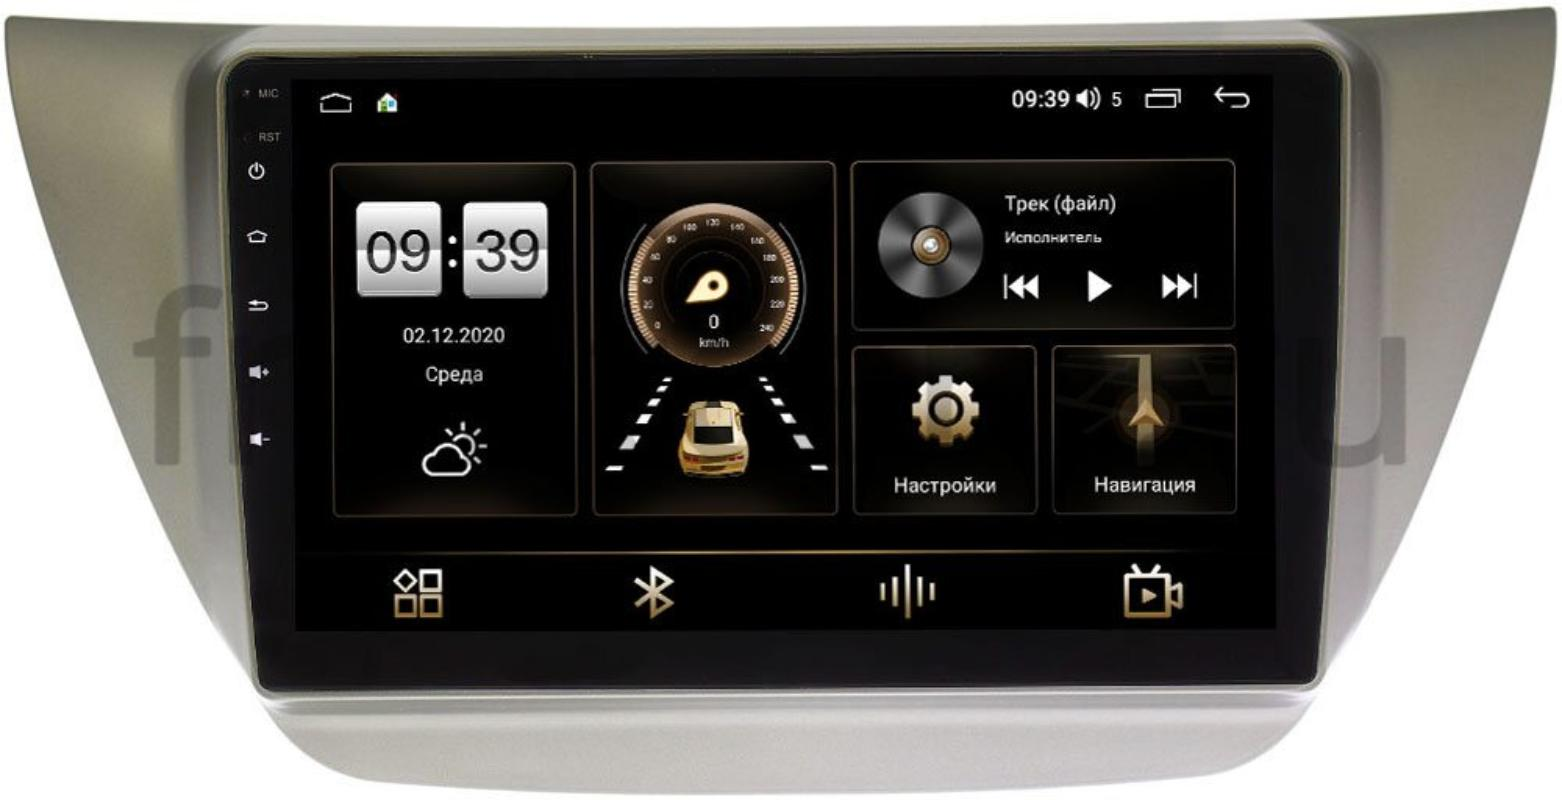 Штатная магнитола LeTrun 3792-9230 для Mitsubishi Lancer IX 2000-2010 (серая) на Android 10 (4/64, DSP, QLed) С оптическим выходом (+ Камера заднего вида в подарок!)